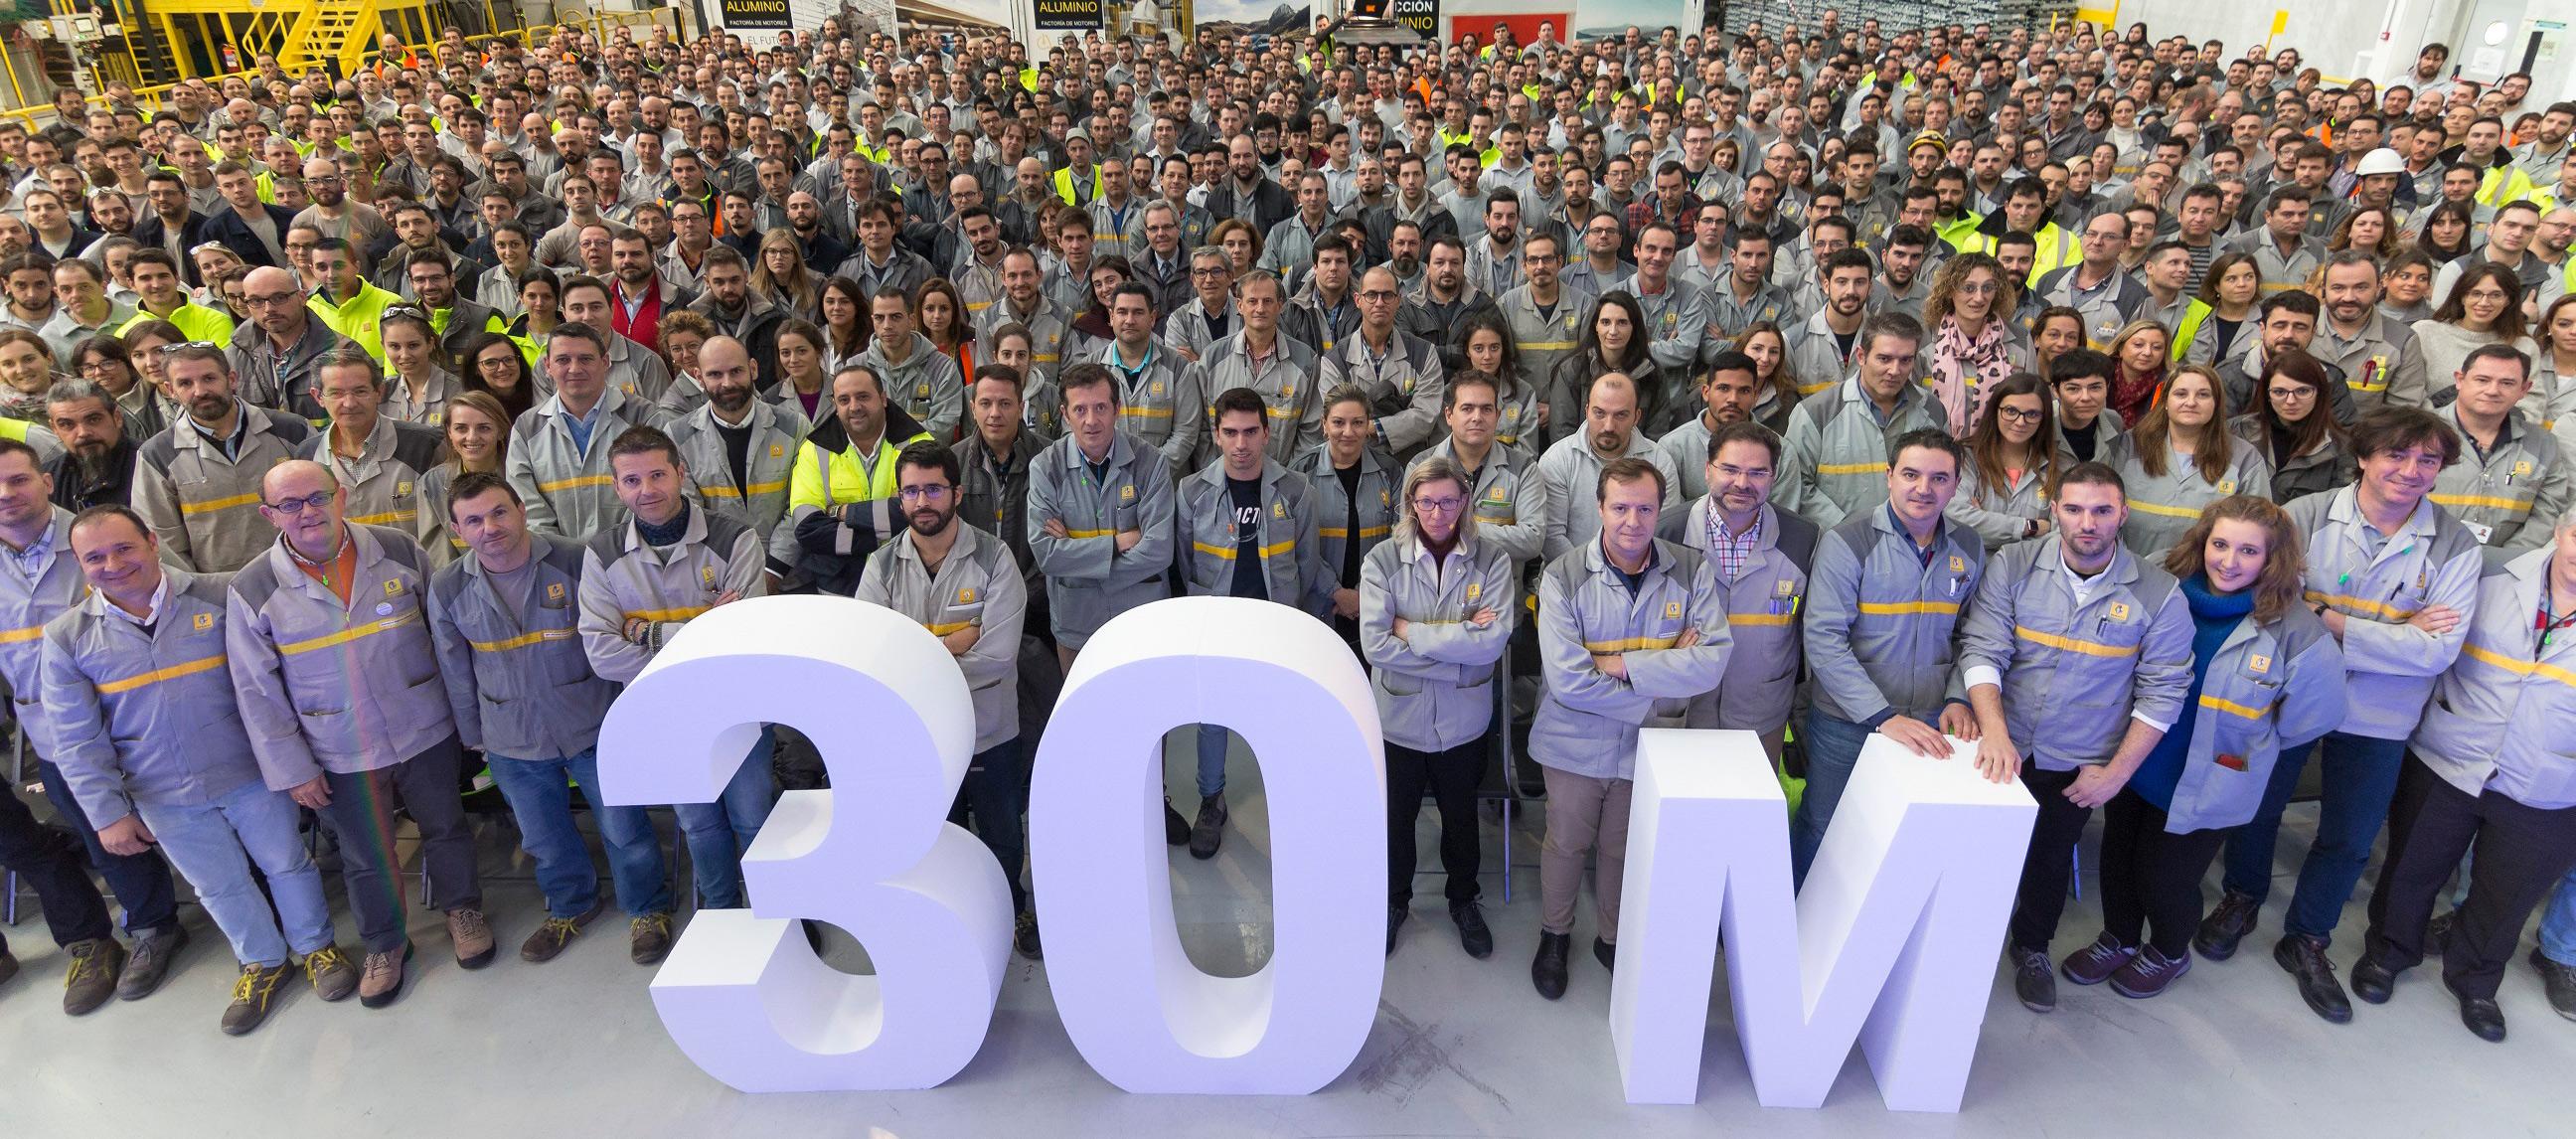 La factoría de Motores de Valladolid ha producido la unidad 30 millones